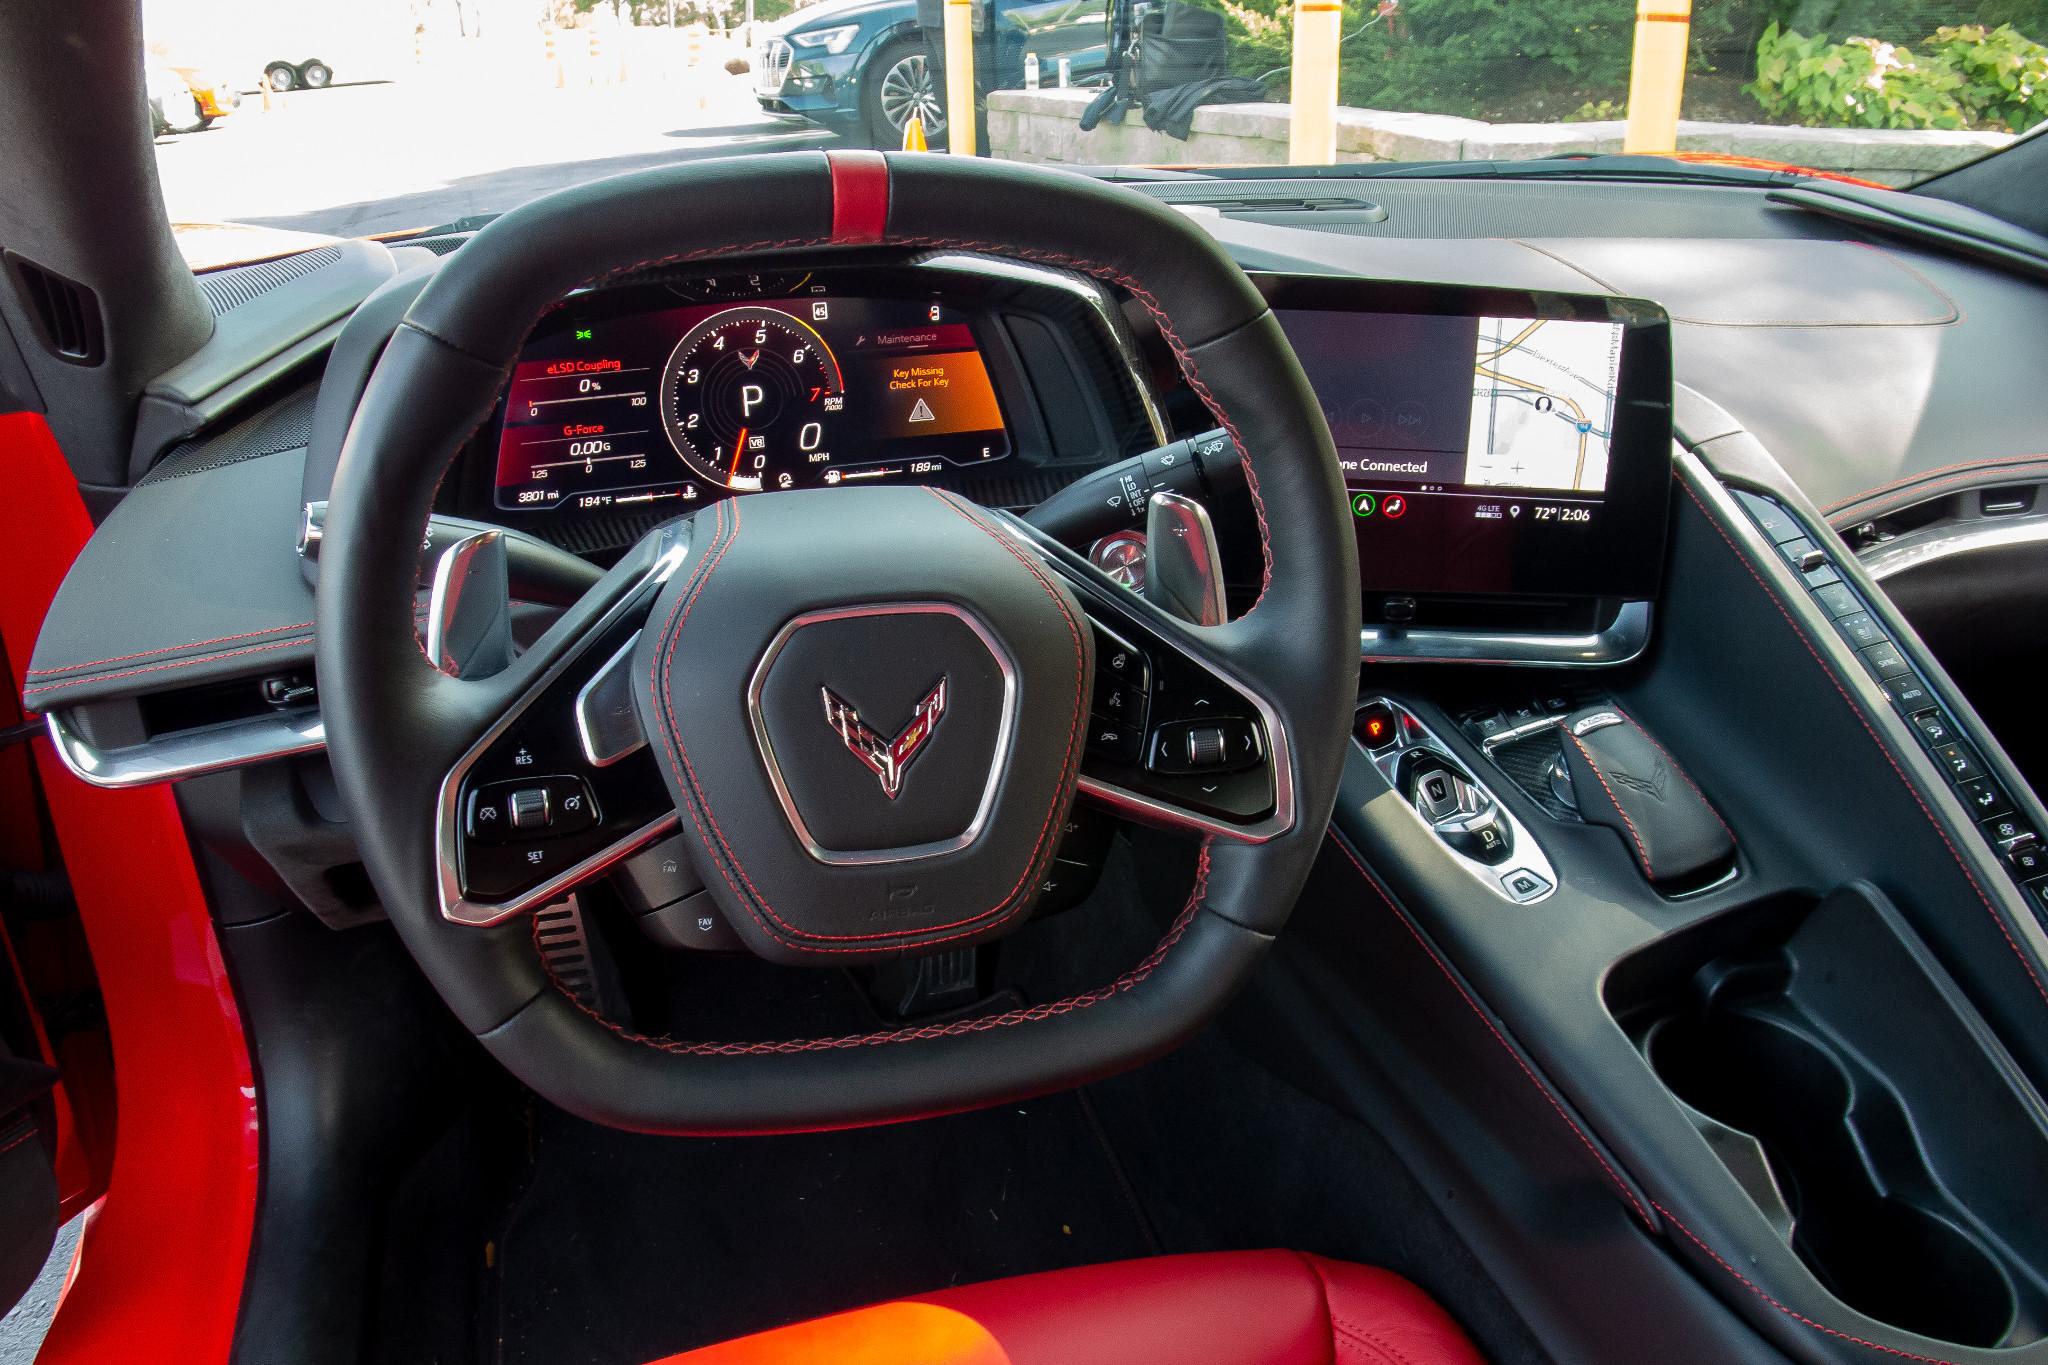 chevrolet-corvette-z51-2020-12-front-row--interior--steering-wheel.jpg